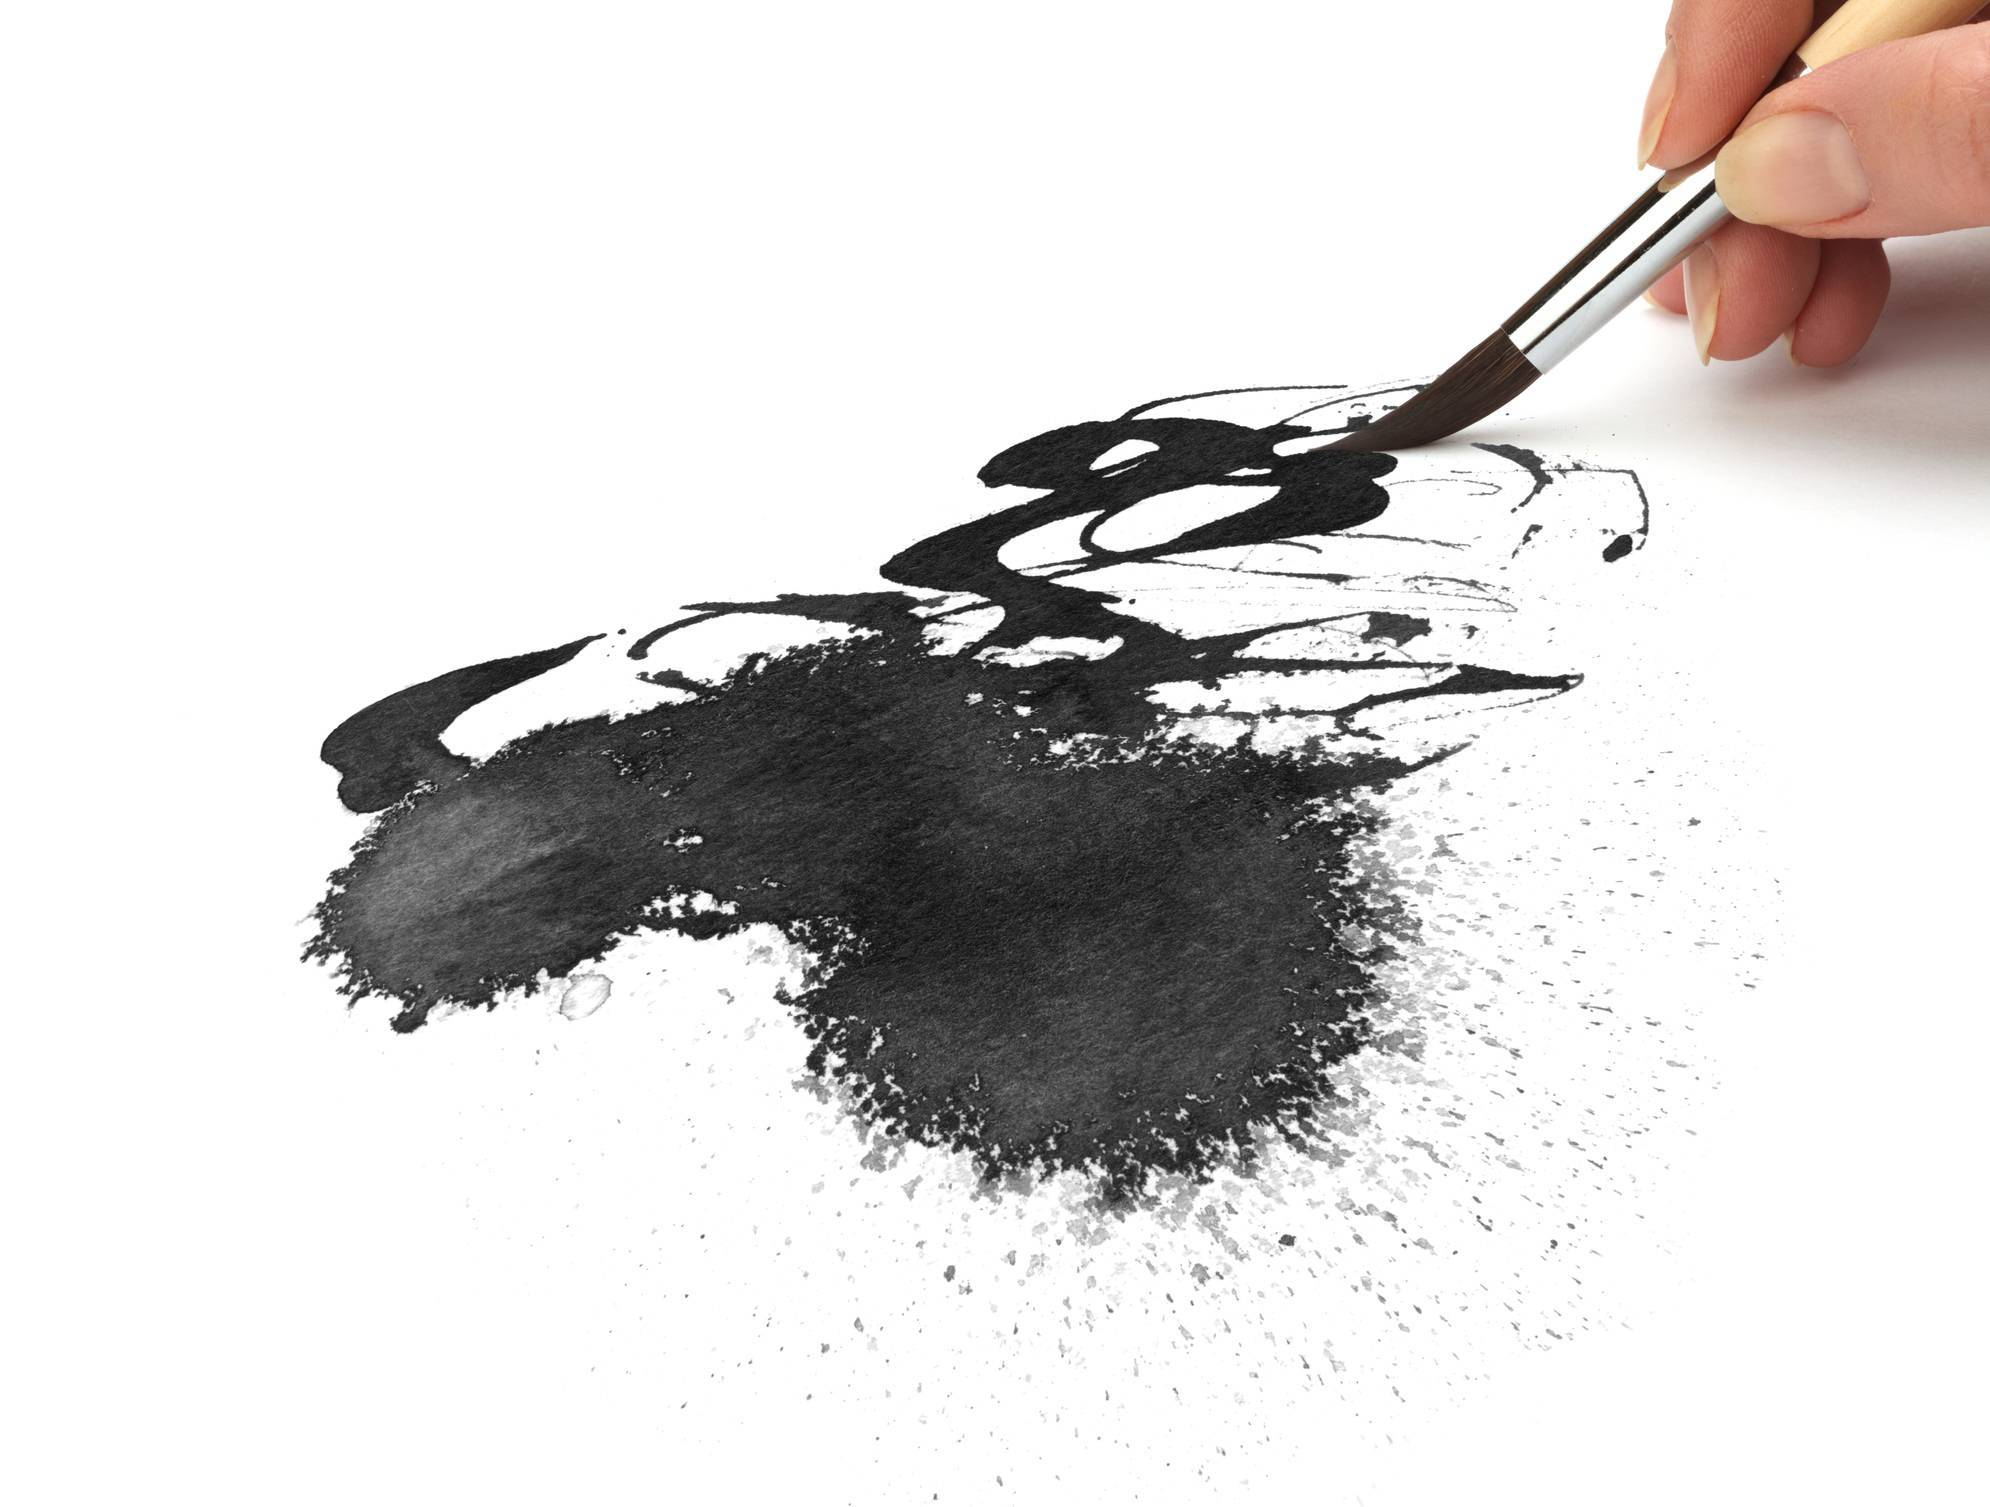 astuces pour fabriquer des pigments noirs